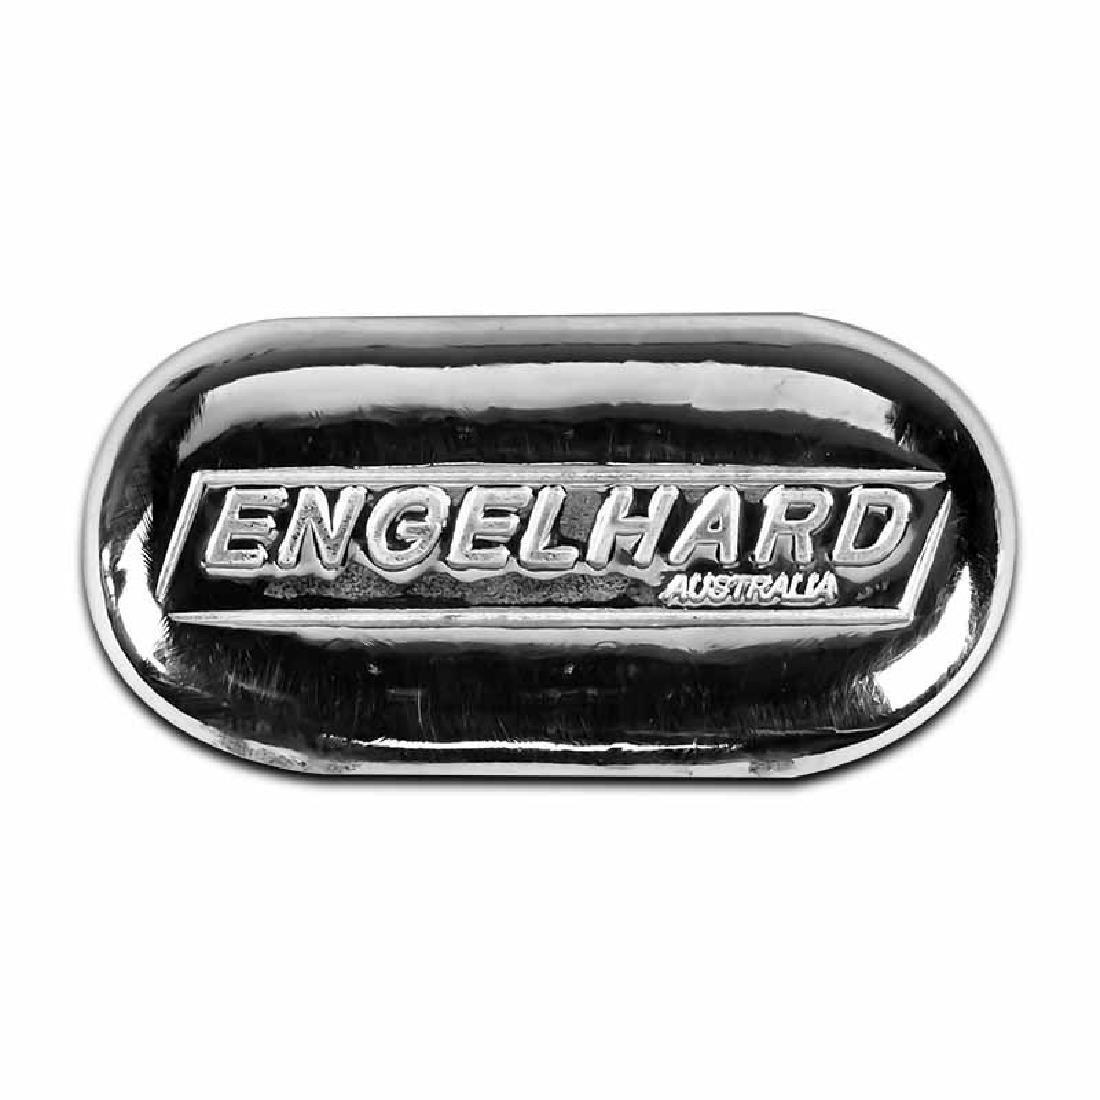 Engelhard Silver Bar 2 oz Bar - New Cast